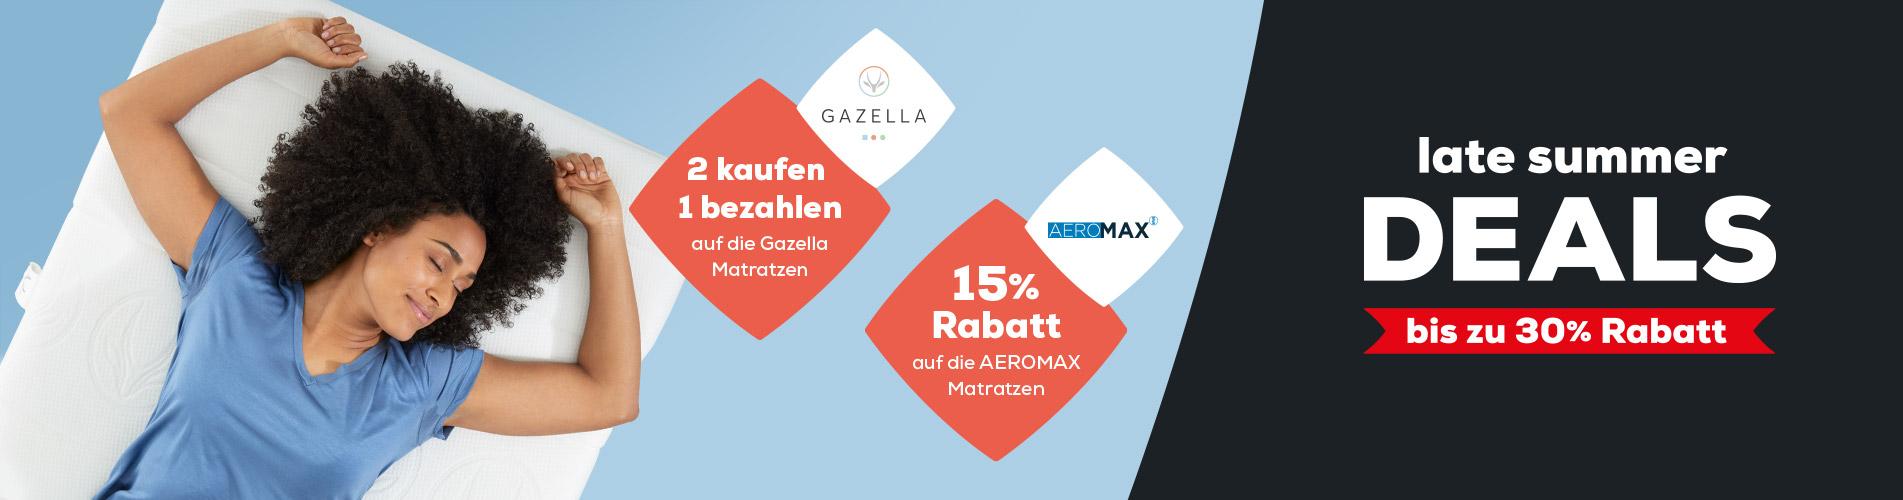 Late Summer Deals 15% Rabatt auf AEROMAX Matratzen - 2 kaufen 1 bezahlen auf die Gazella Matratzen | Swiss Sense